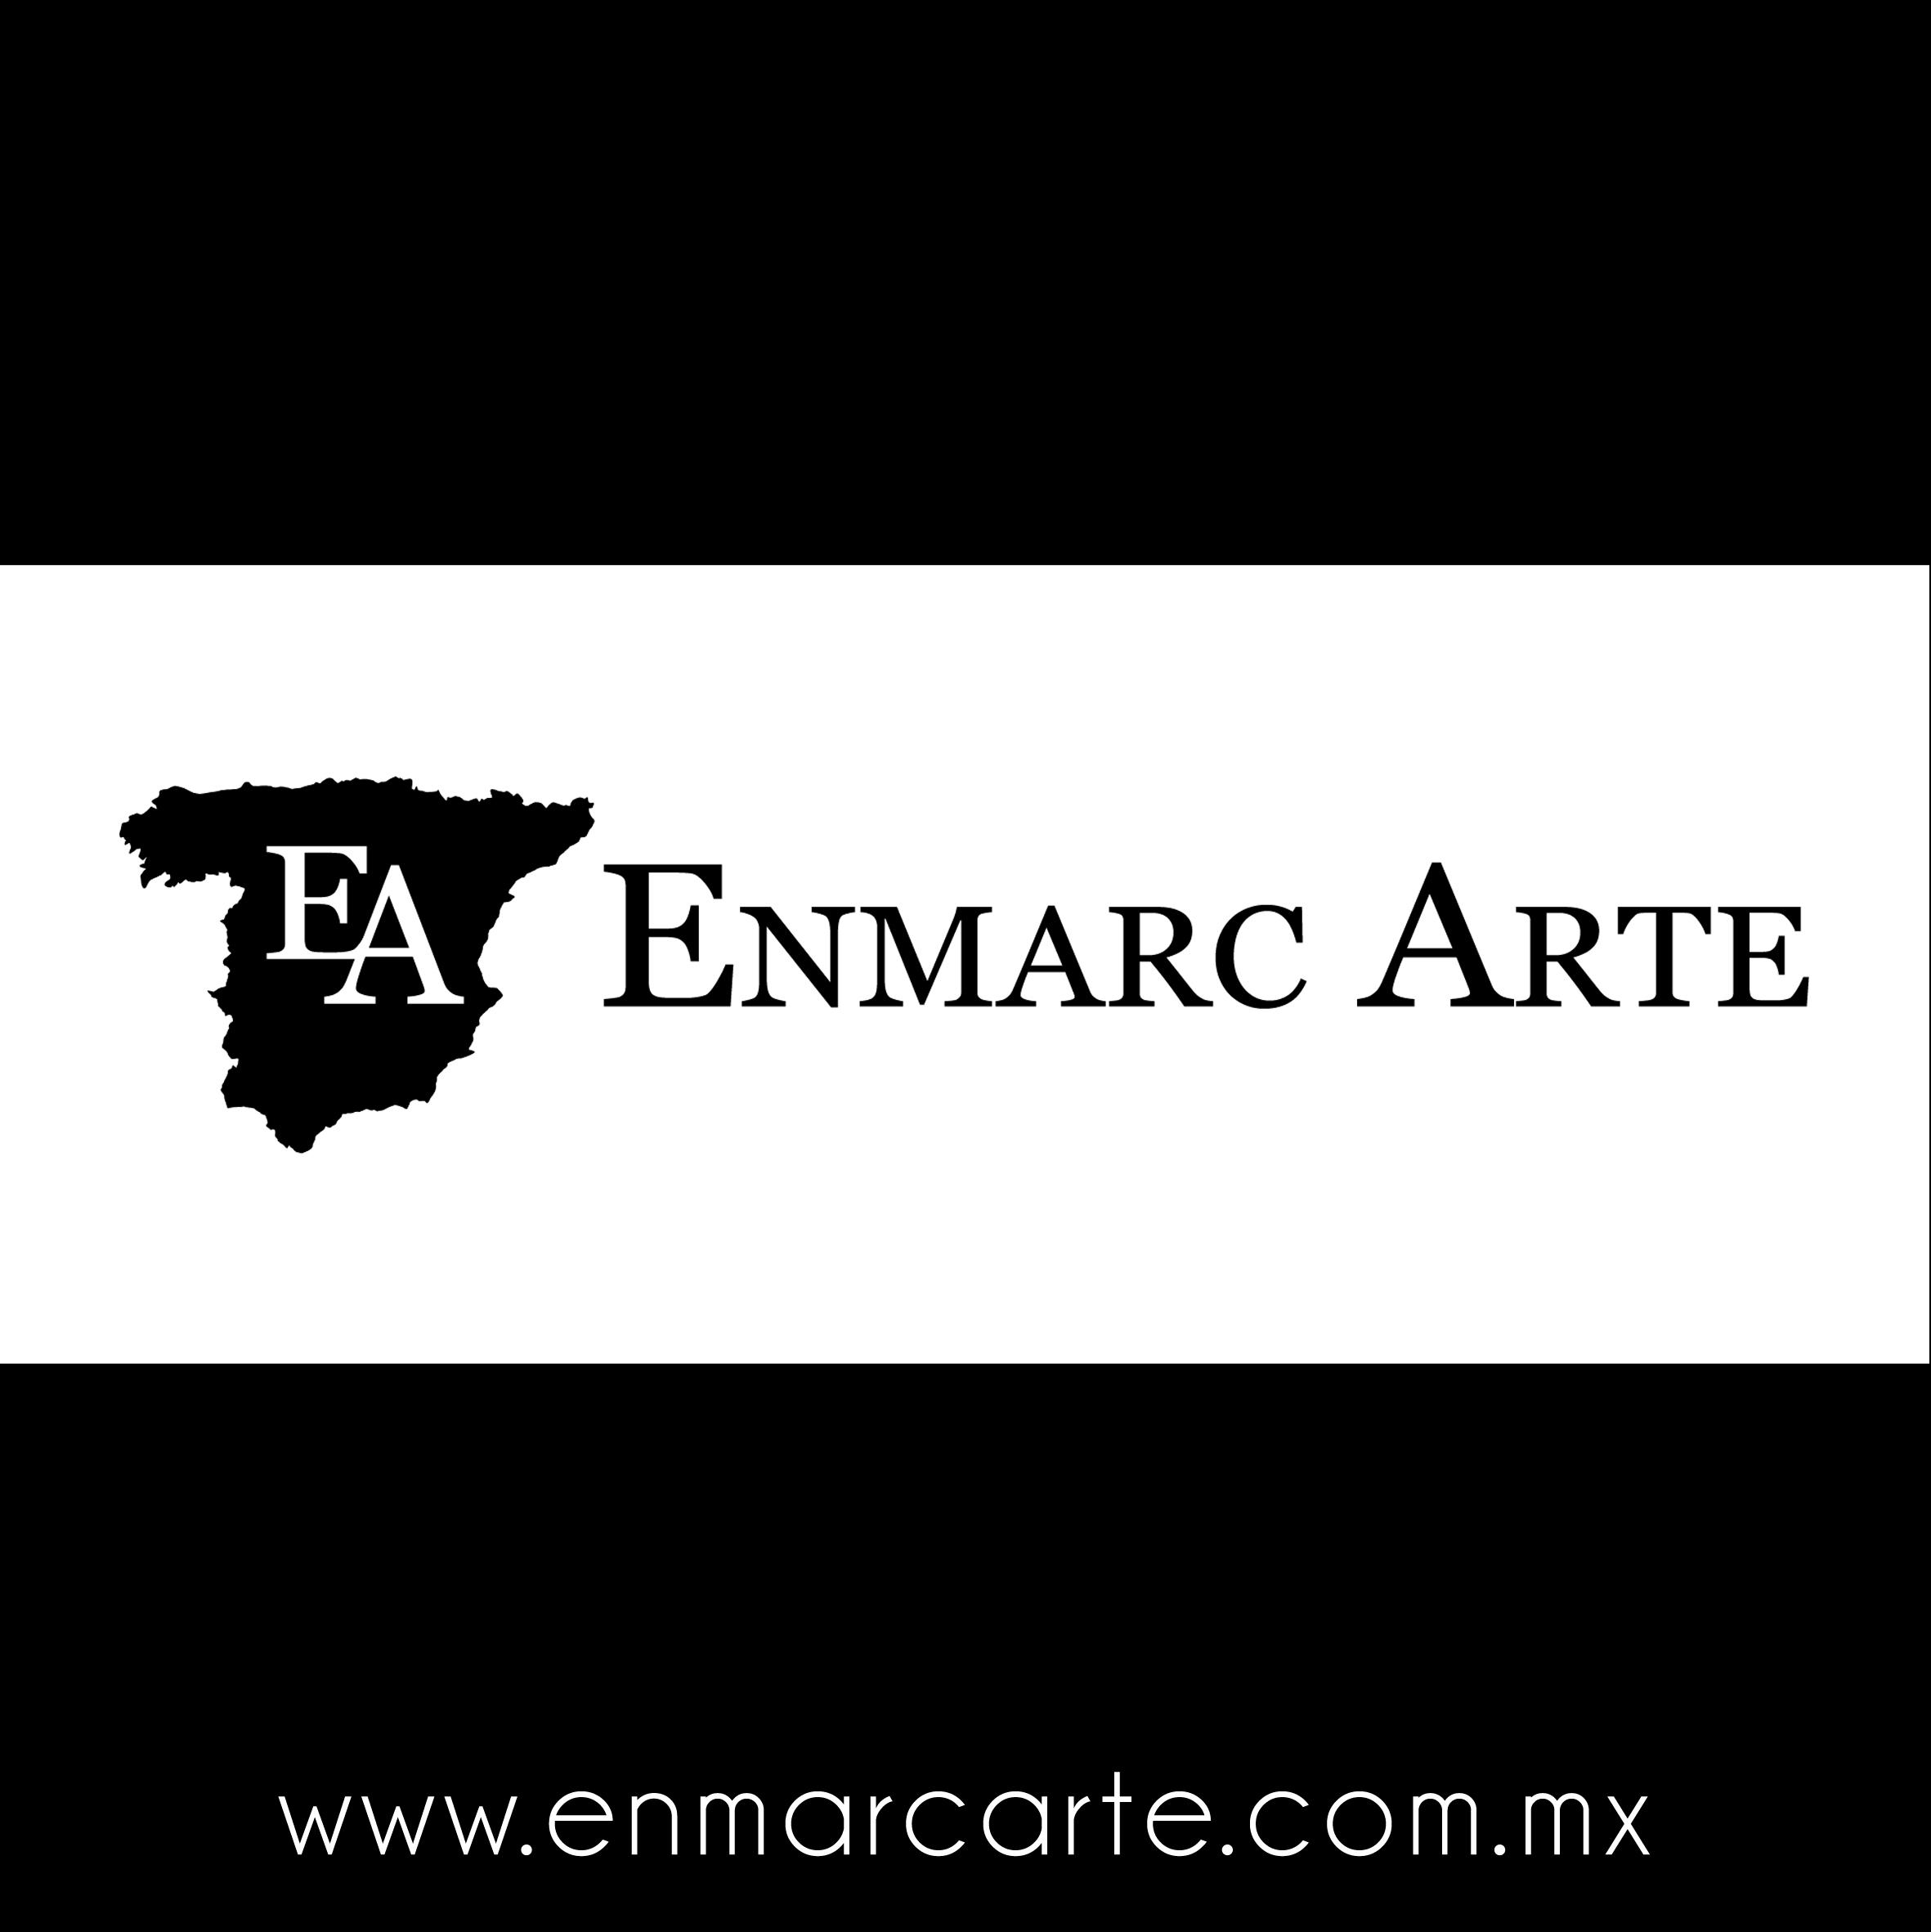 ENMARCARTE